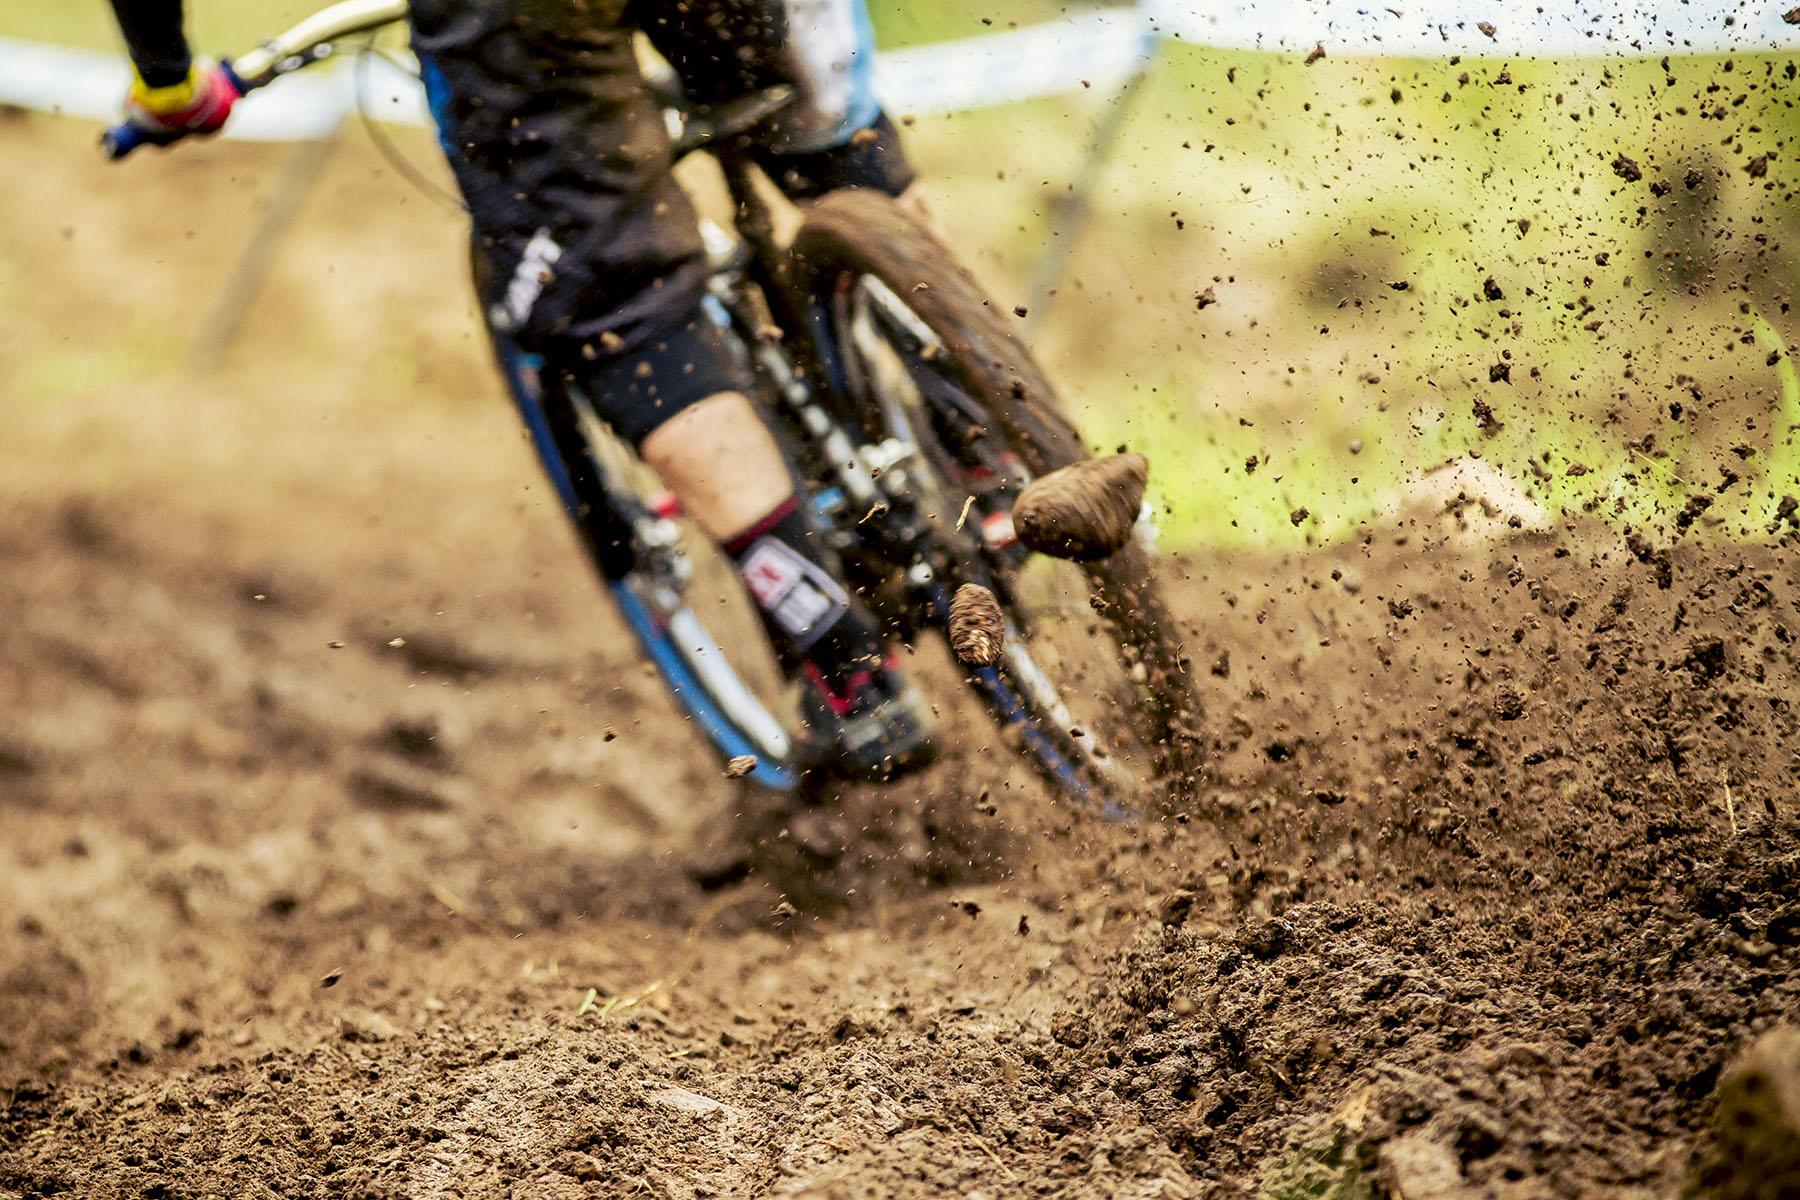 Danny Hart ließ die Steine fliegen und fühlte sich auf dem schlammigen Track sichtlich wohl.